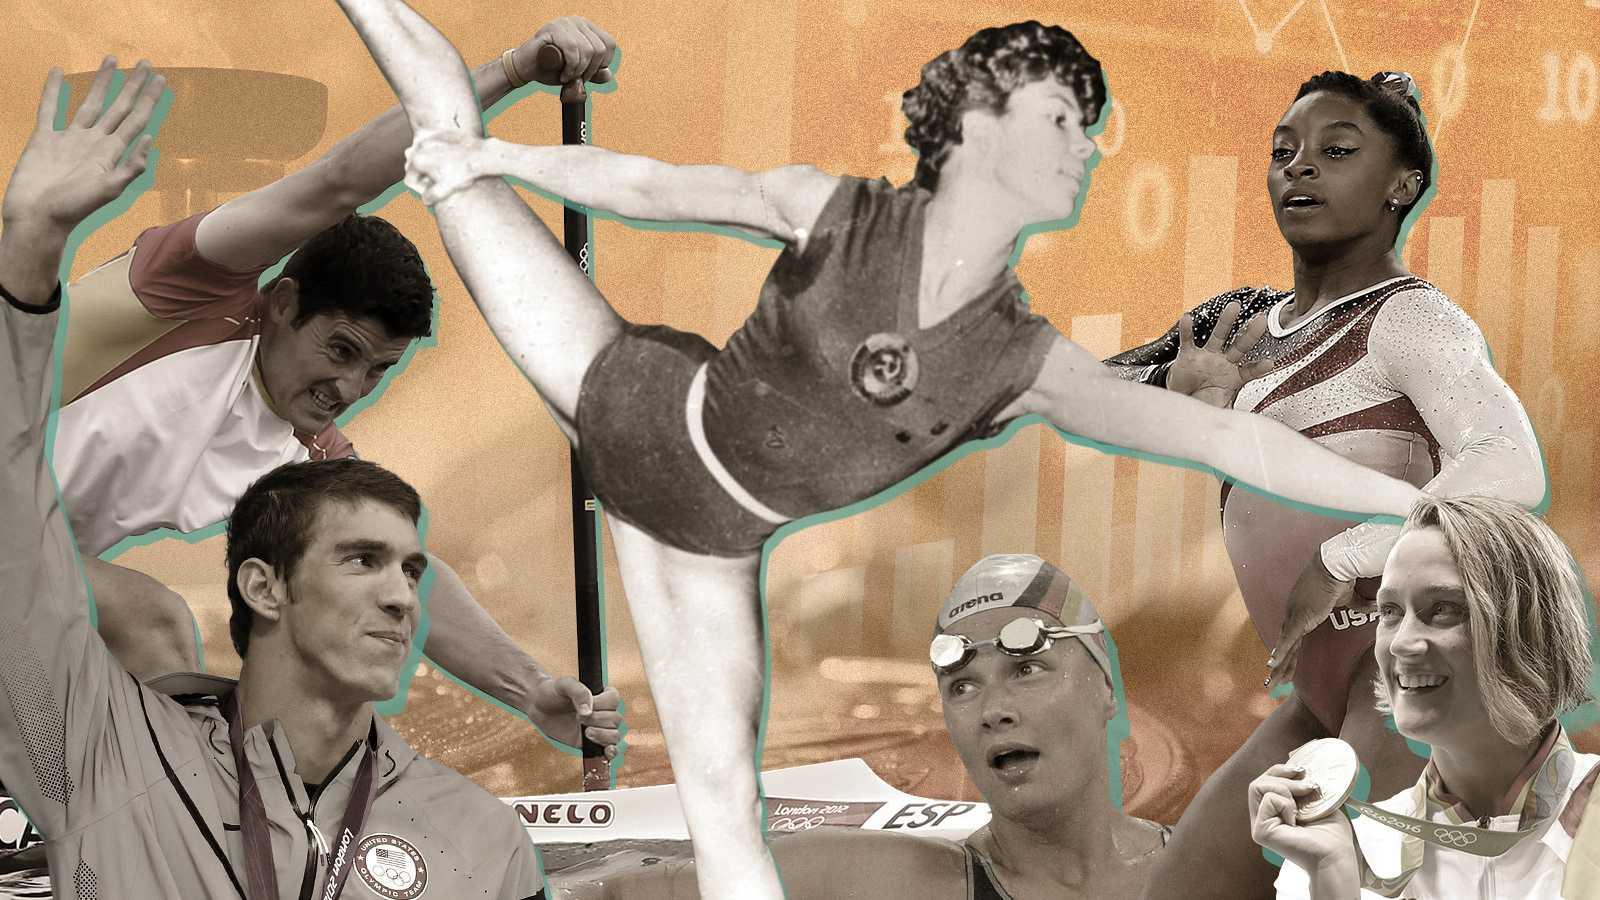 Agunos de los princpales medallistas del mundo y de España en la historia olímpica: de izquierda de derecha: David Cal, Michael Phelps, Larisa Latynina, Francisca von Almsick, Simone Biles y Mireia Belmonte